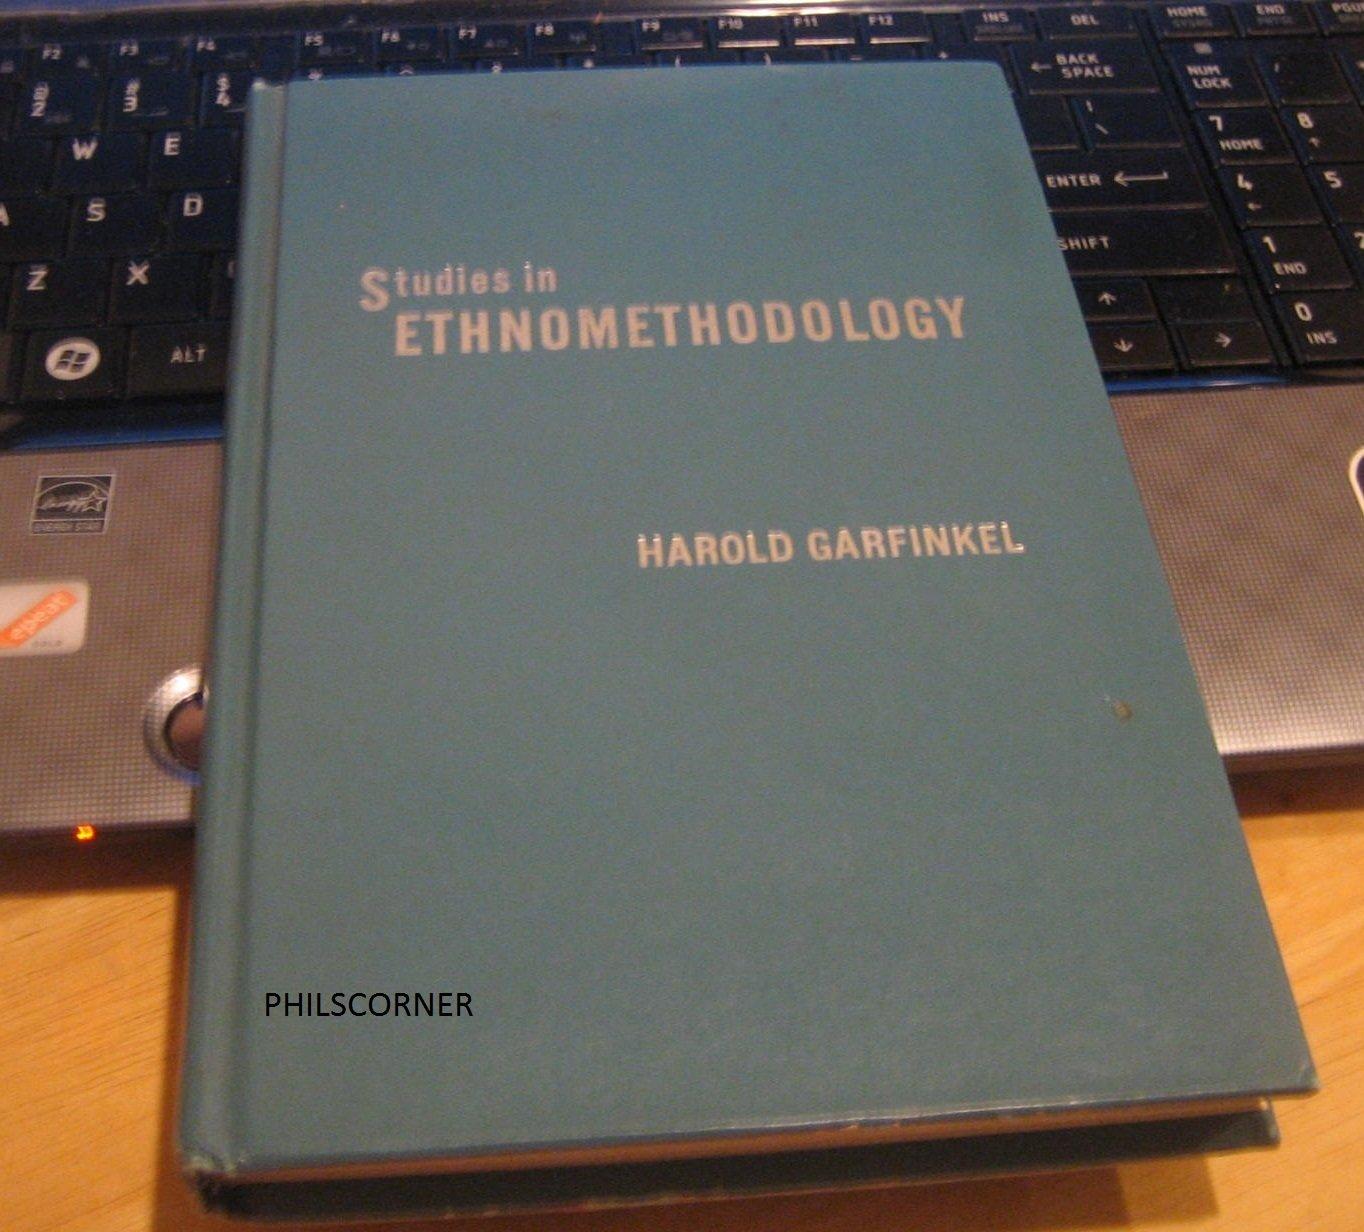 Studies in Ethnomethodology